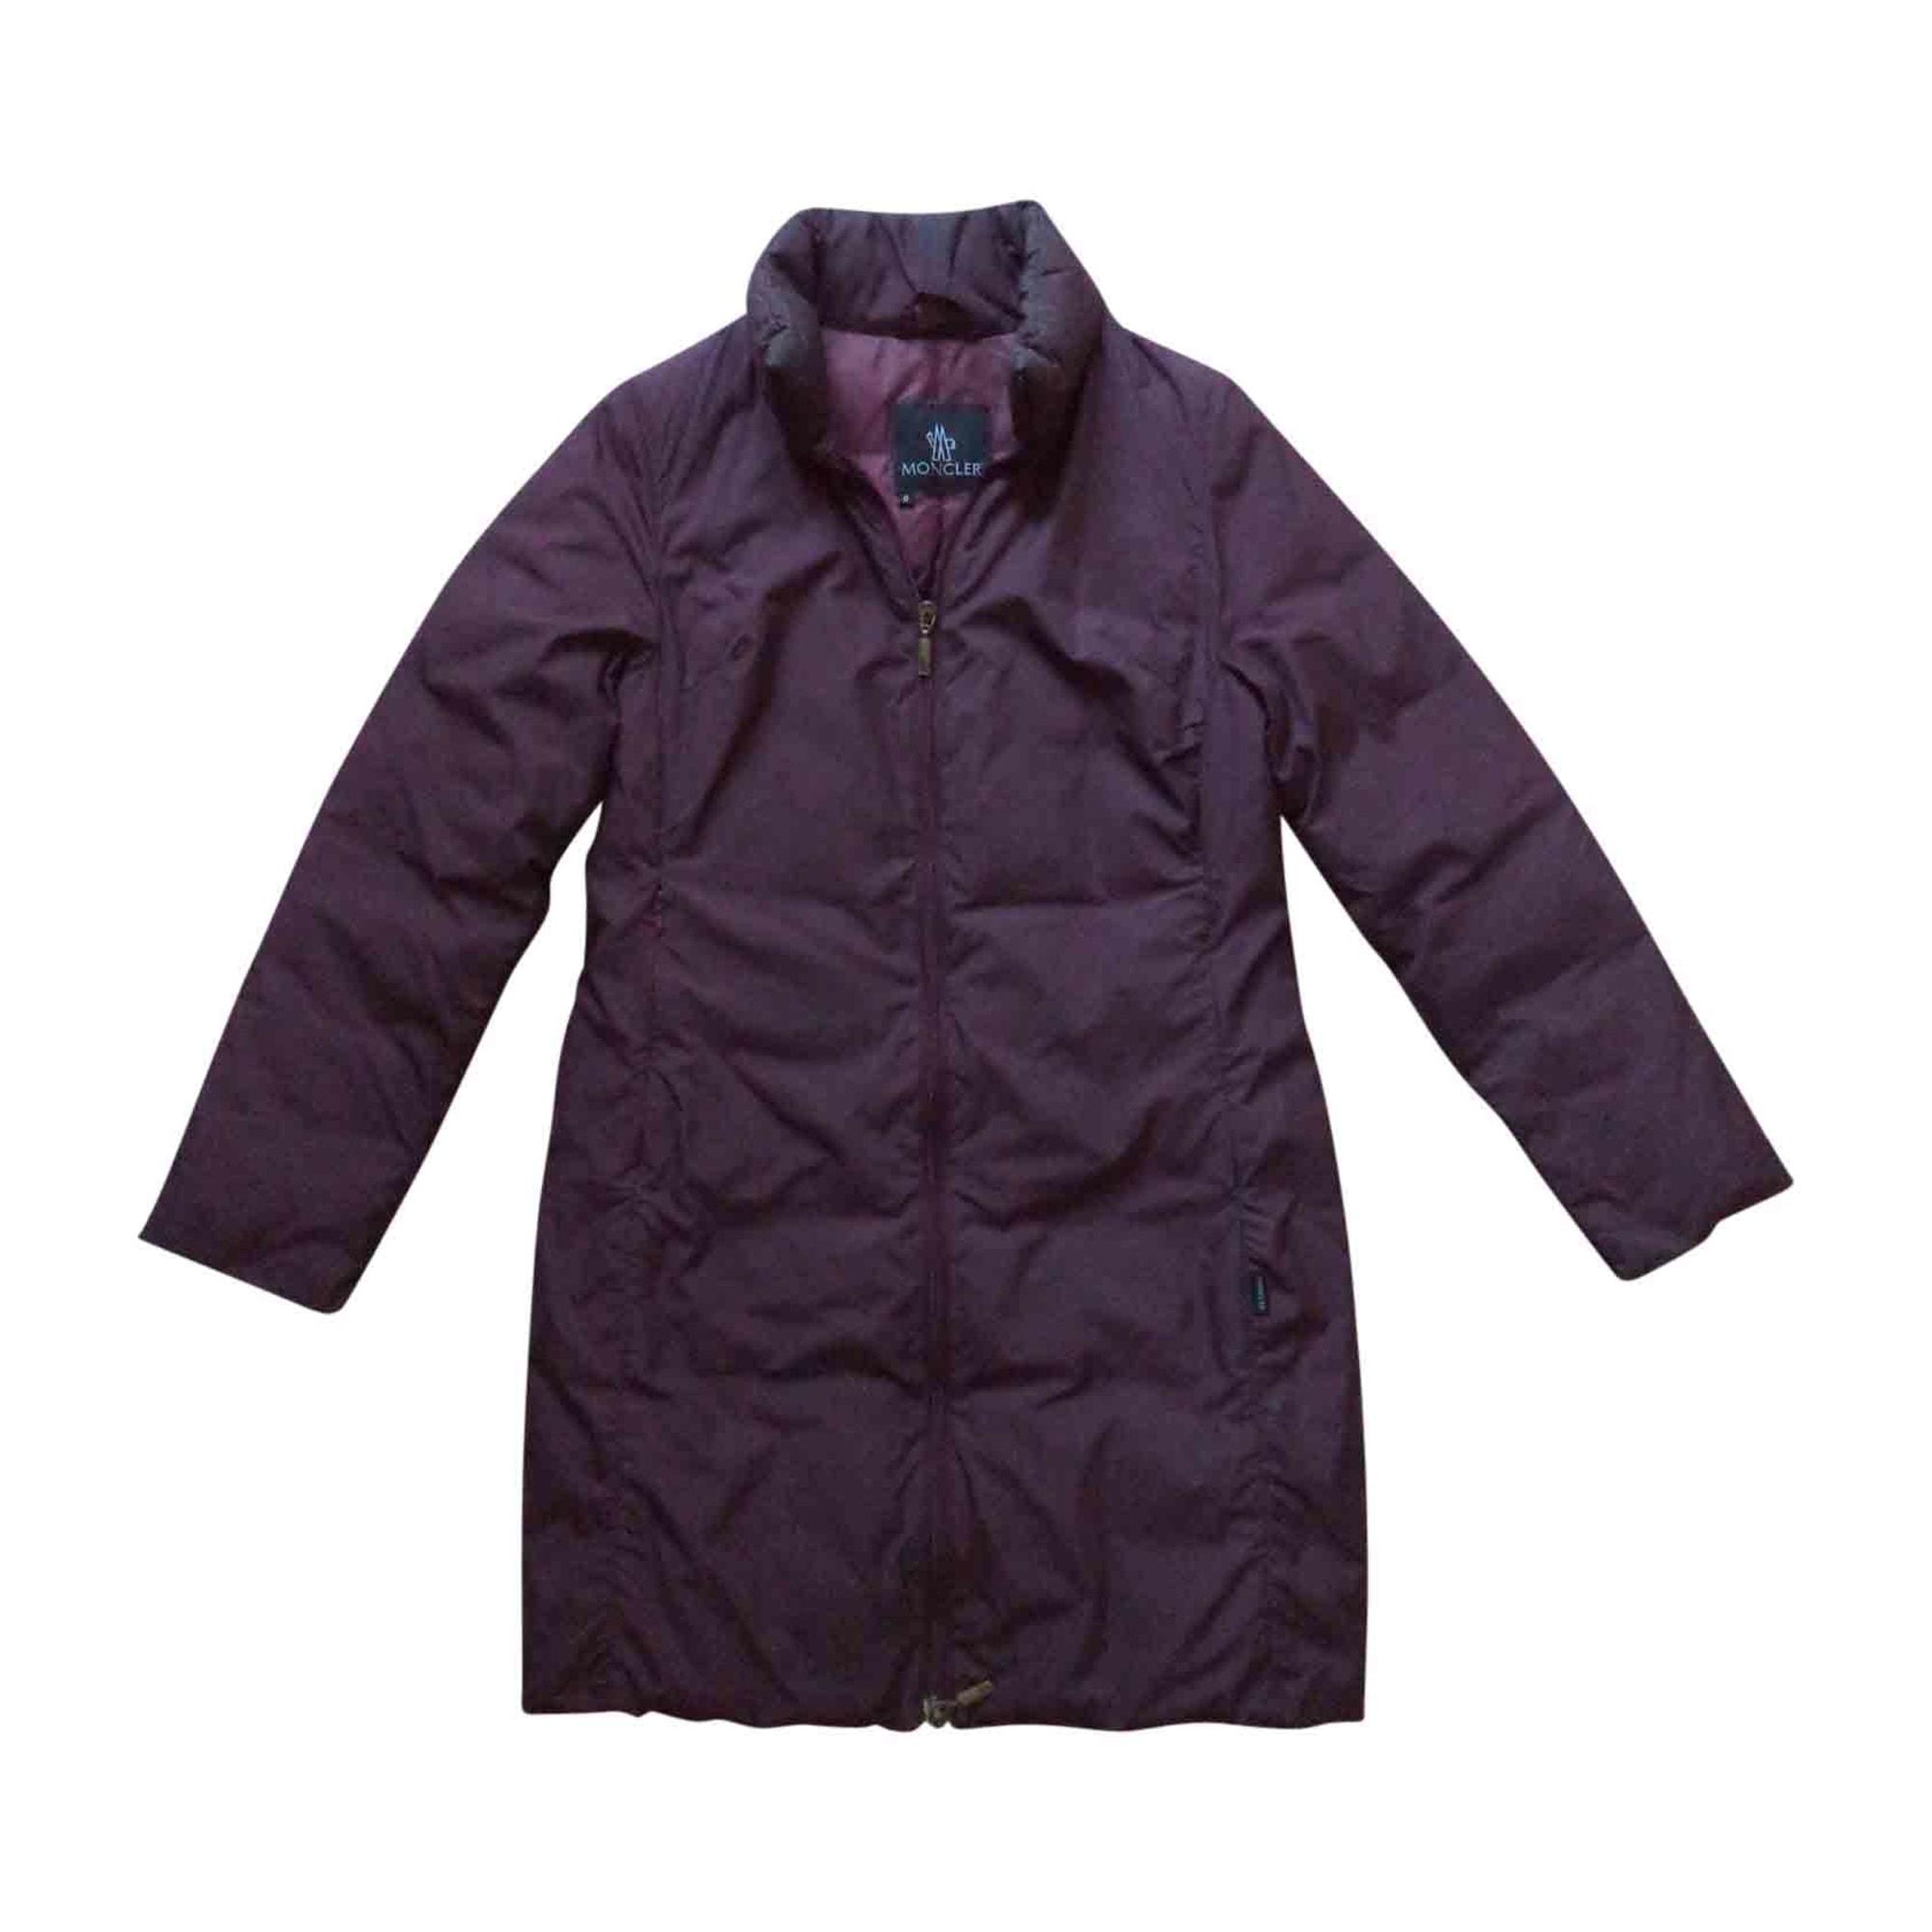 Doudoune MONCLER 34 (XS, T0) violet vendu par Allmixstyle377 - 7047658 f0fa090bb6b